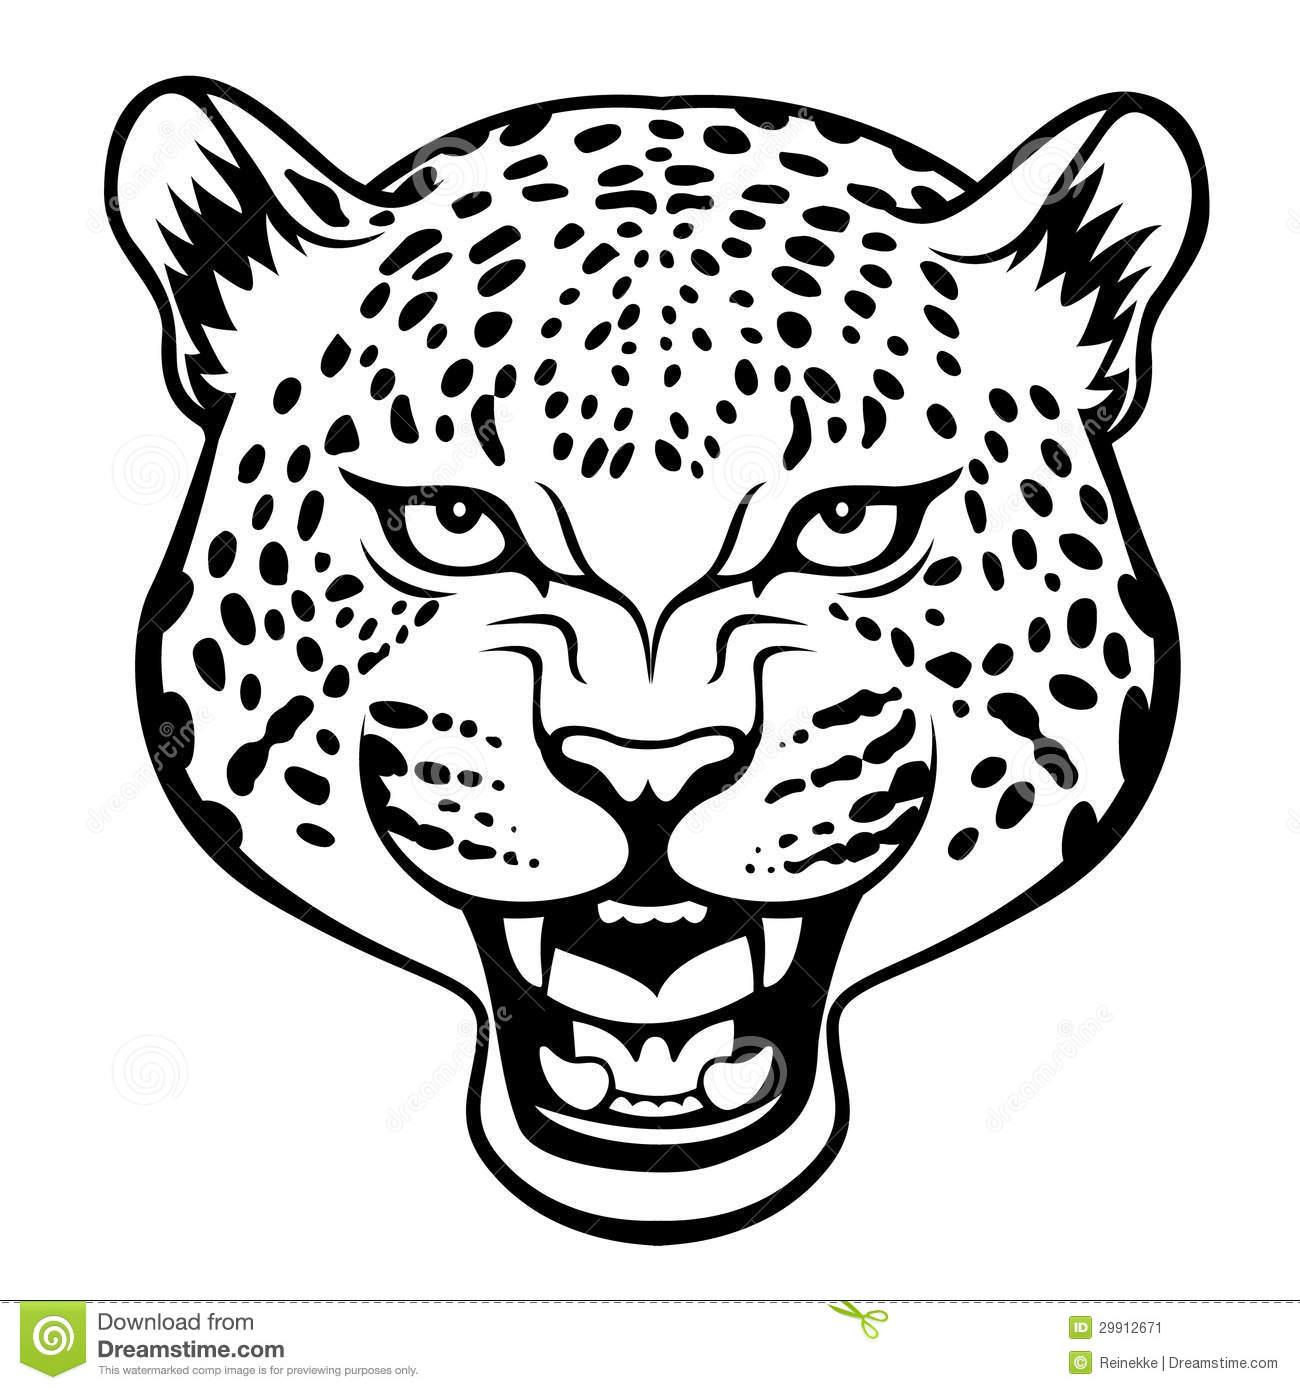 Amur Leopard clipart Leopard%20clipart%20 Panda Leopard Clipart Clipart